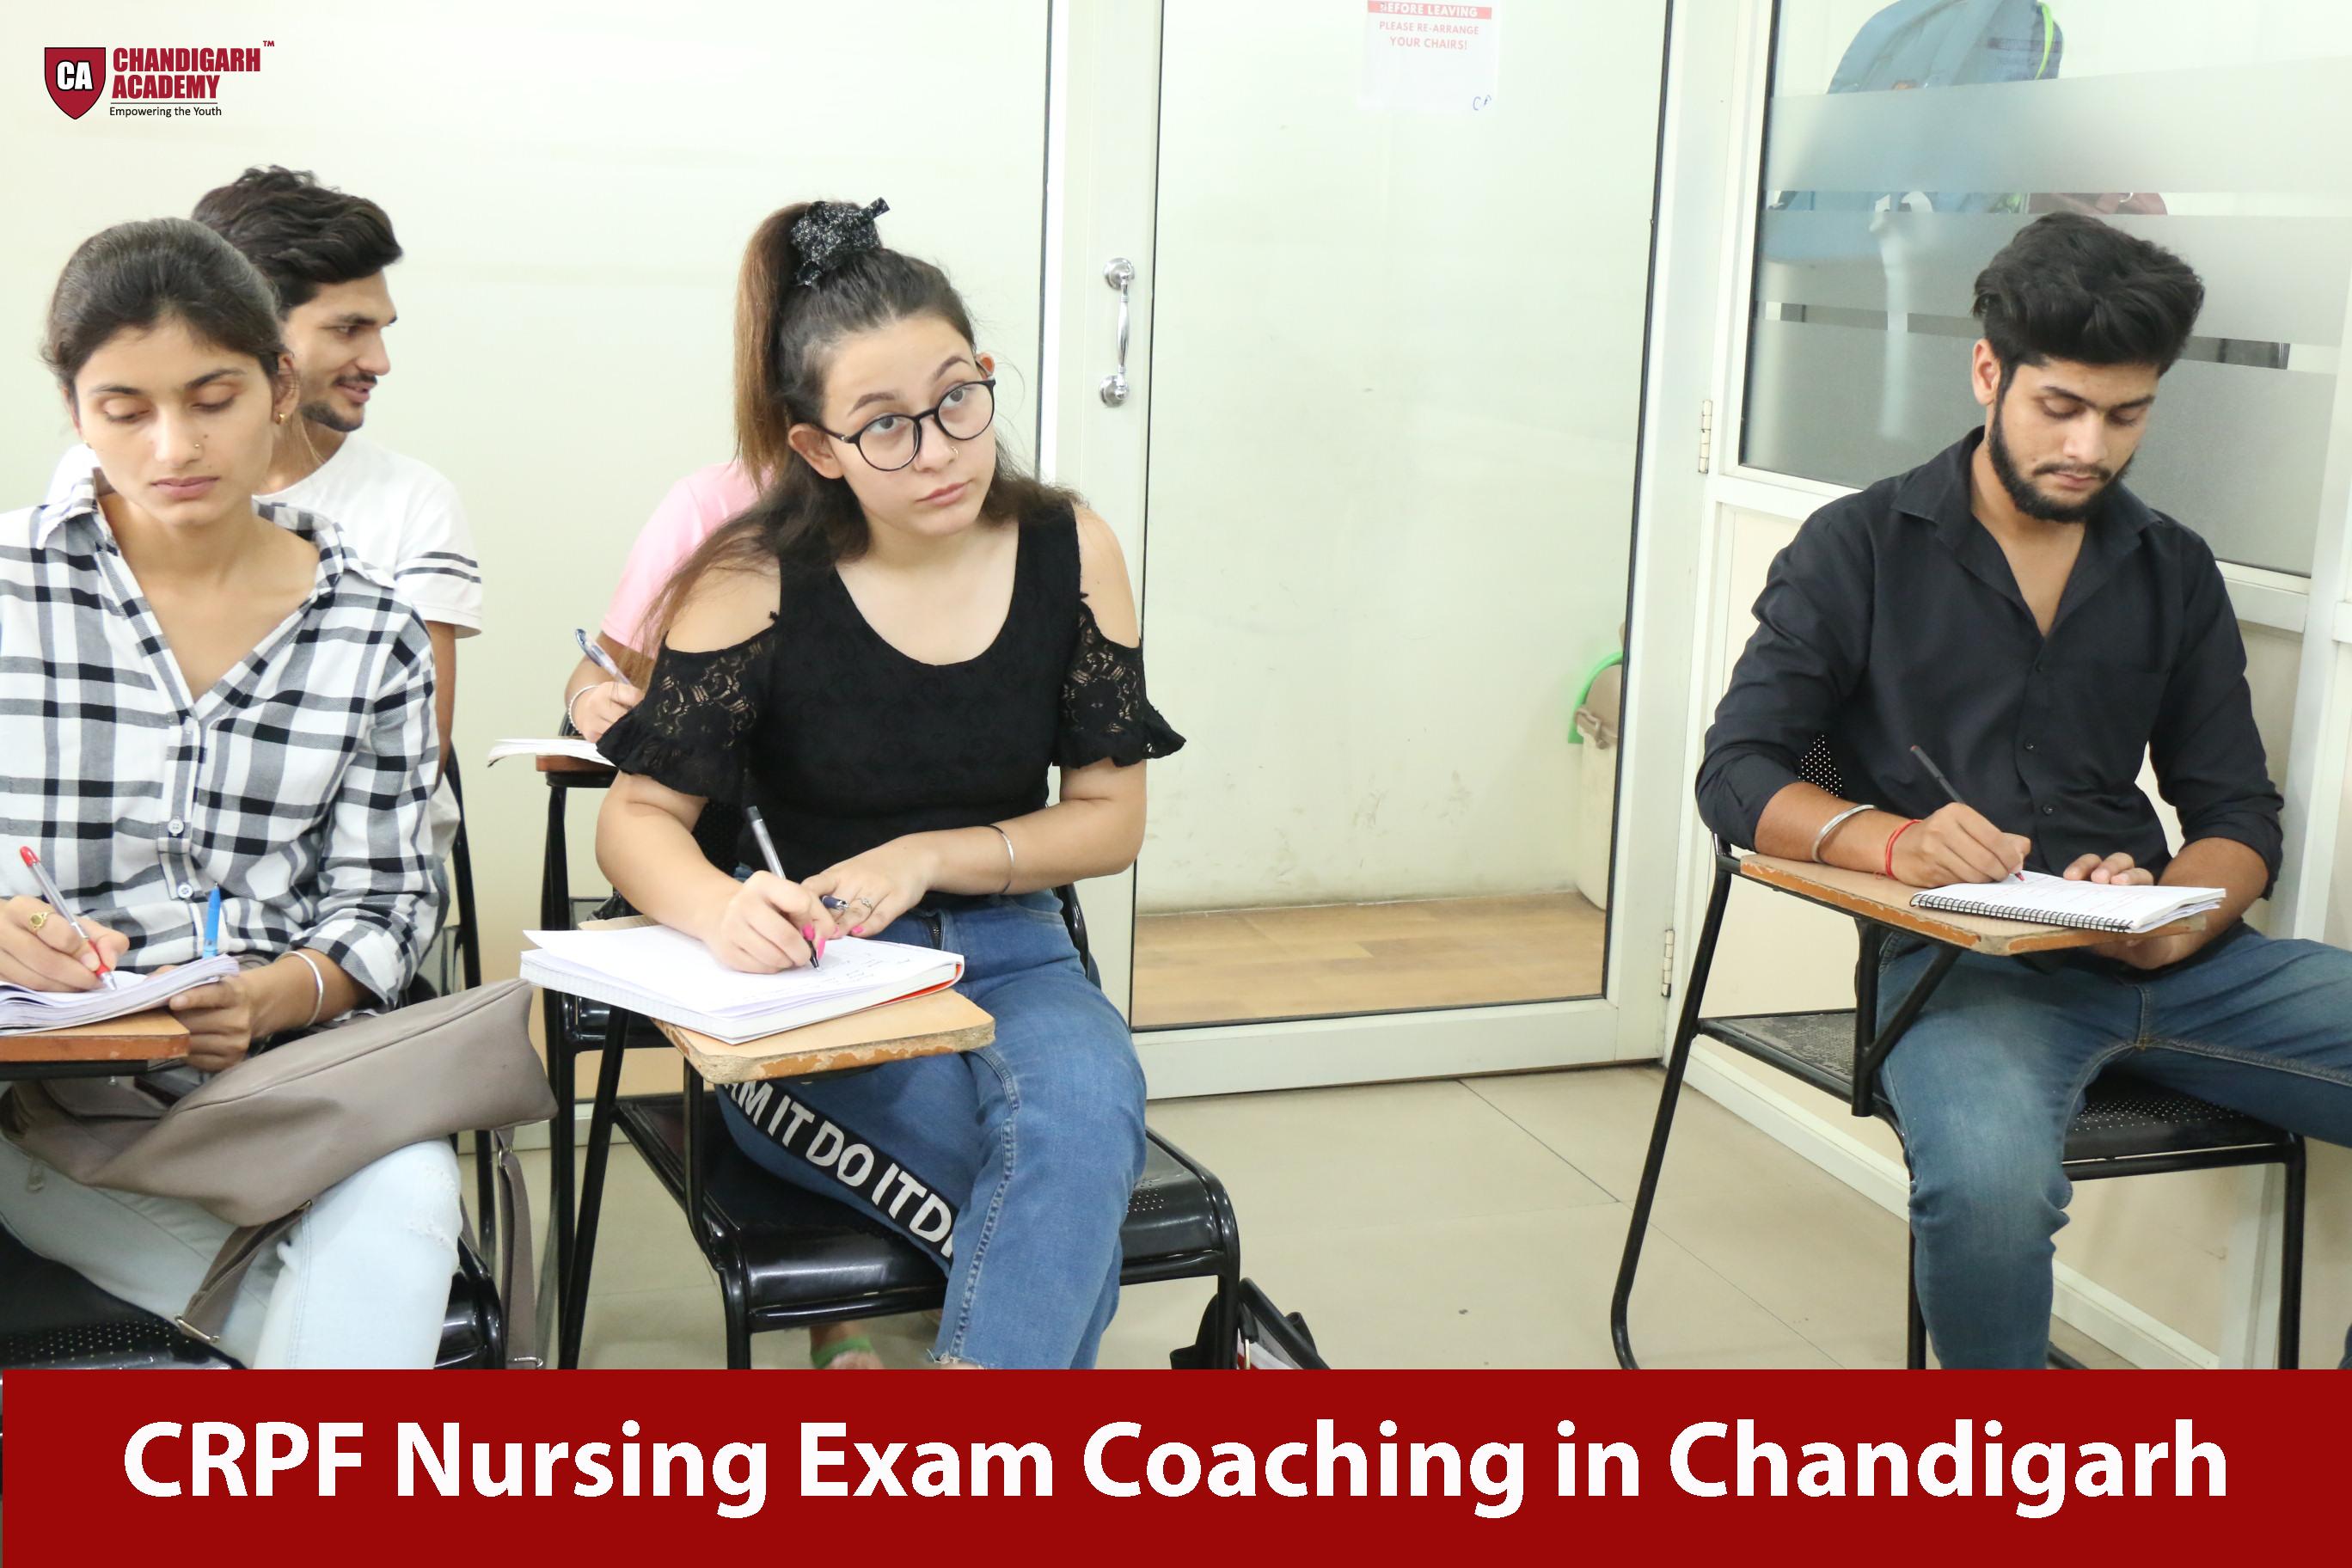 CRPF Nursing Exam Coaching in Chandigarh